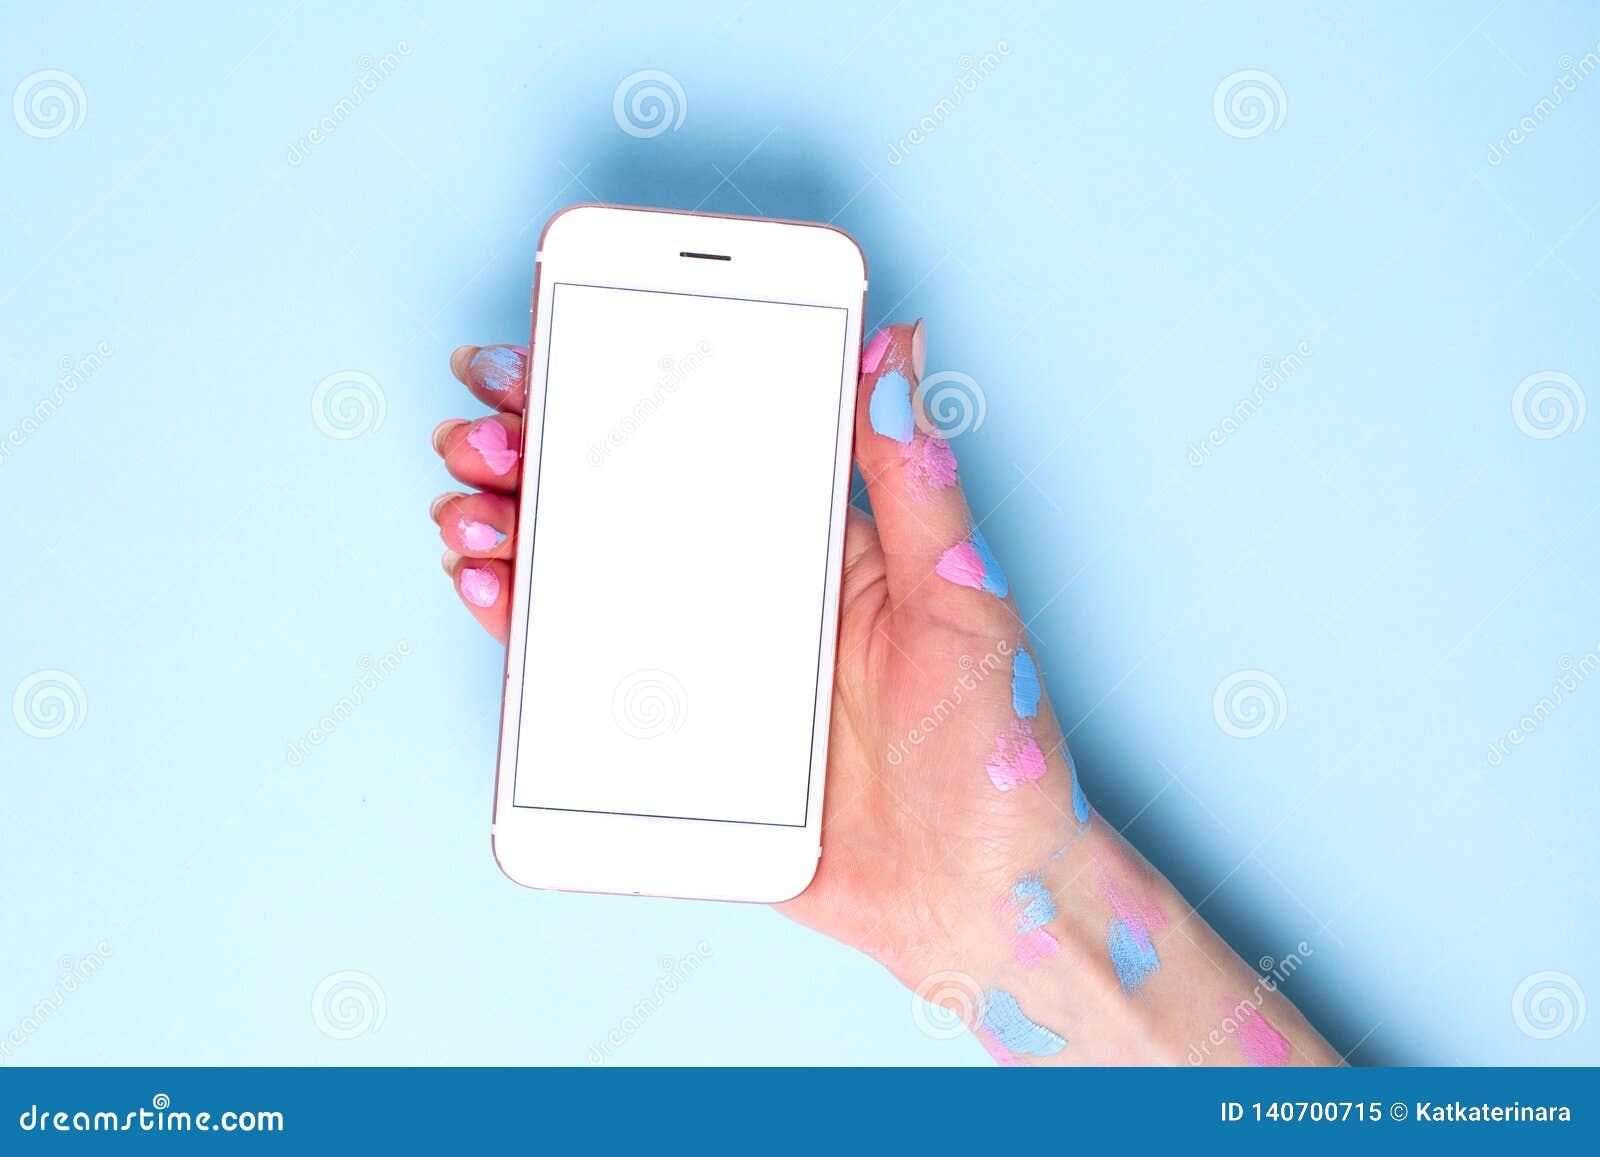 Telefone celular nas mãos das mulheres com a aquarela no fundo azul